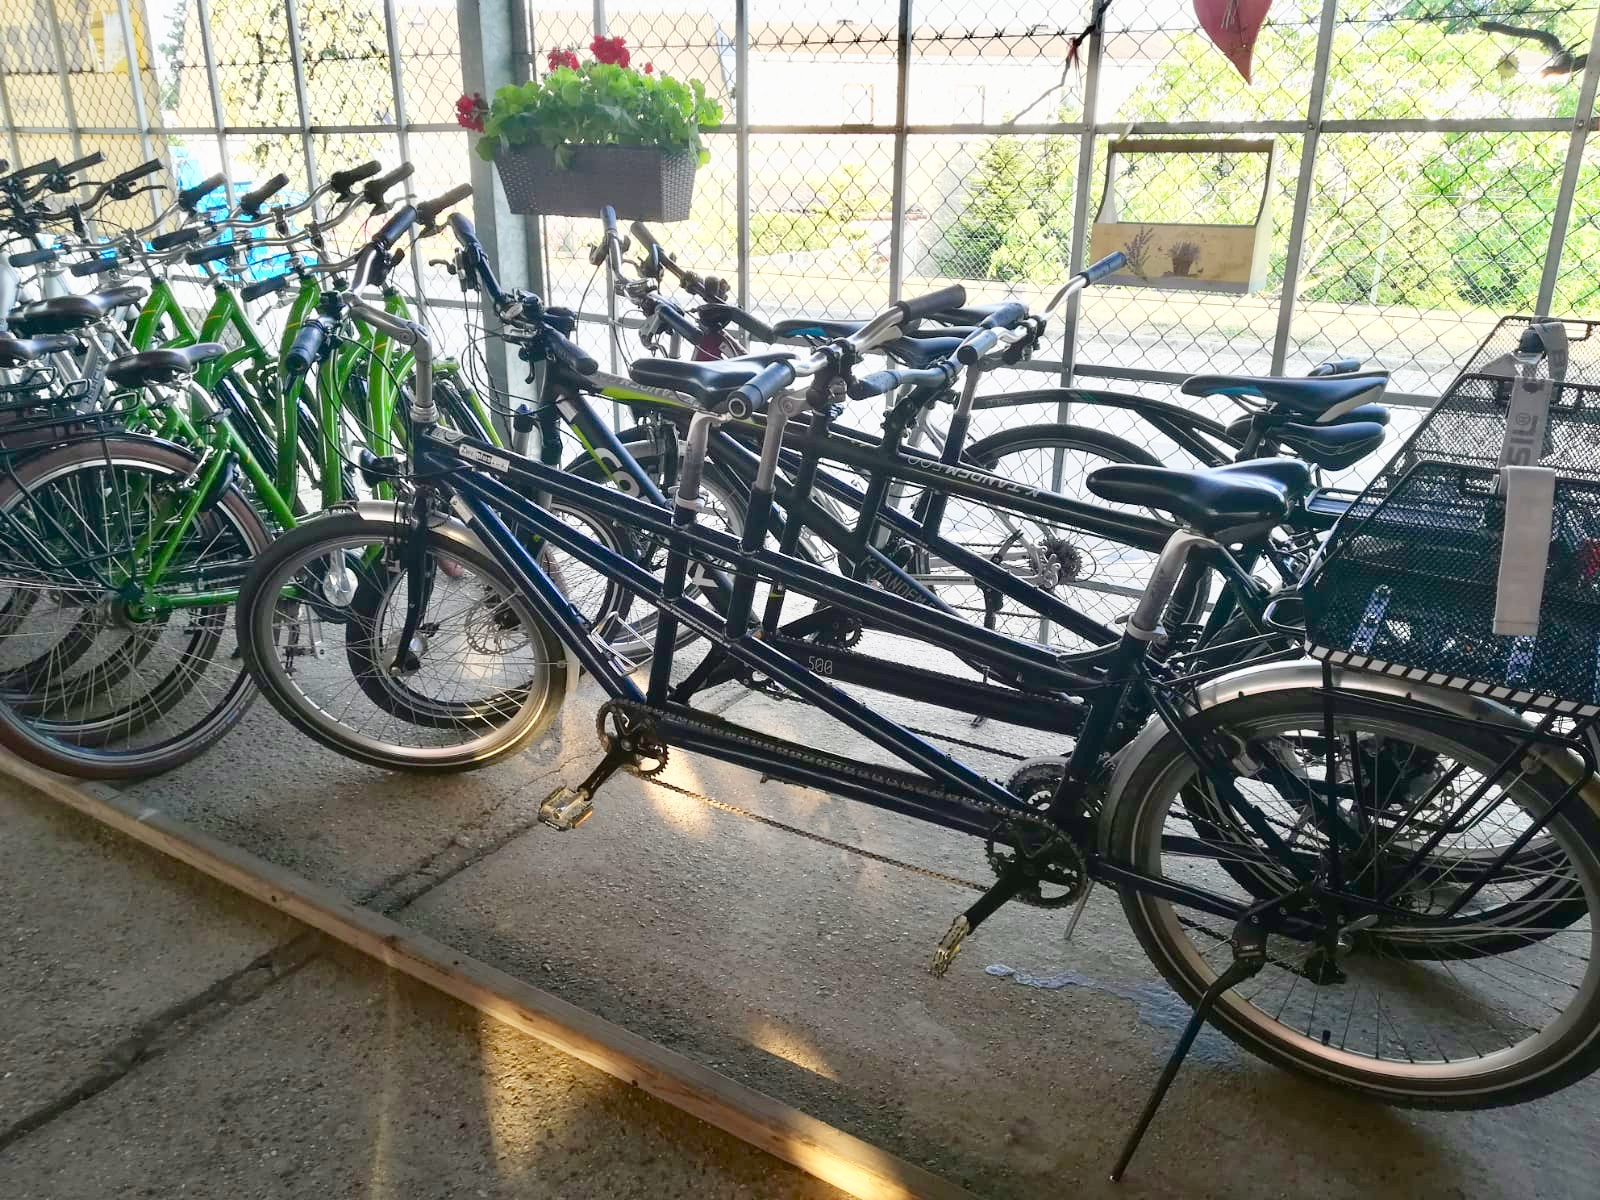 26 Zoll Tandem Fahrrad für 2 Personen Tandemrad Rad 18 Gang